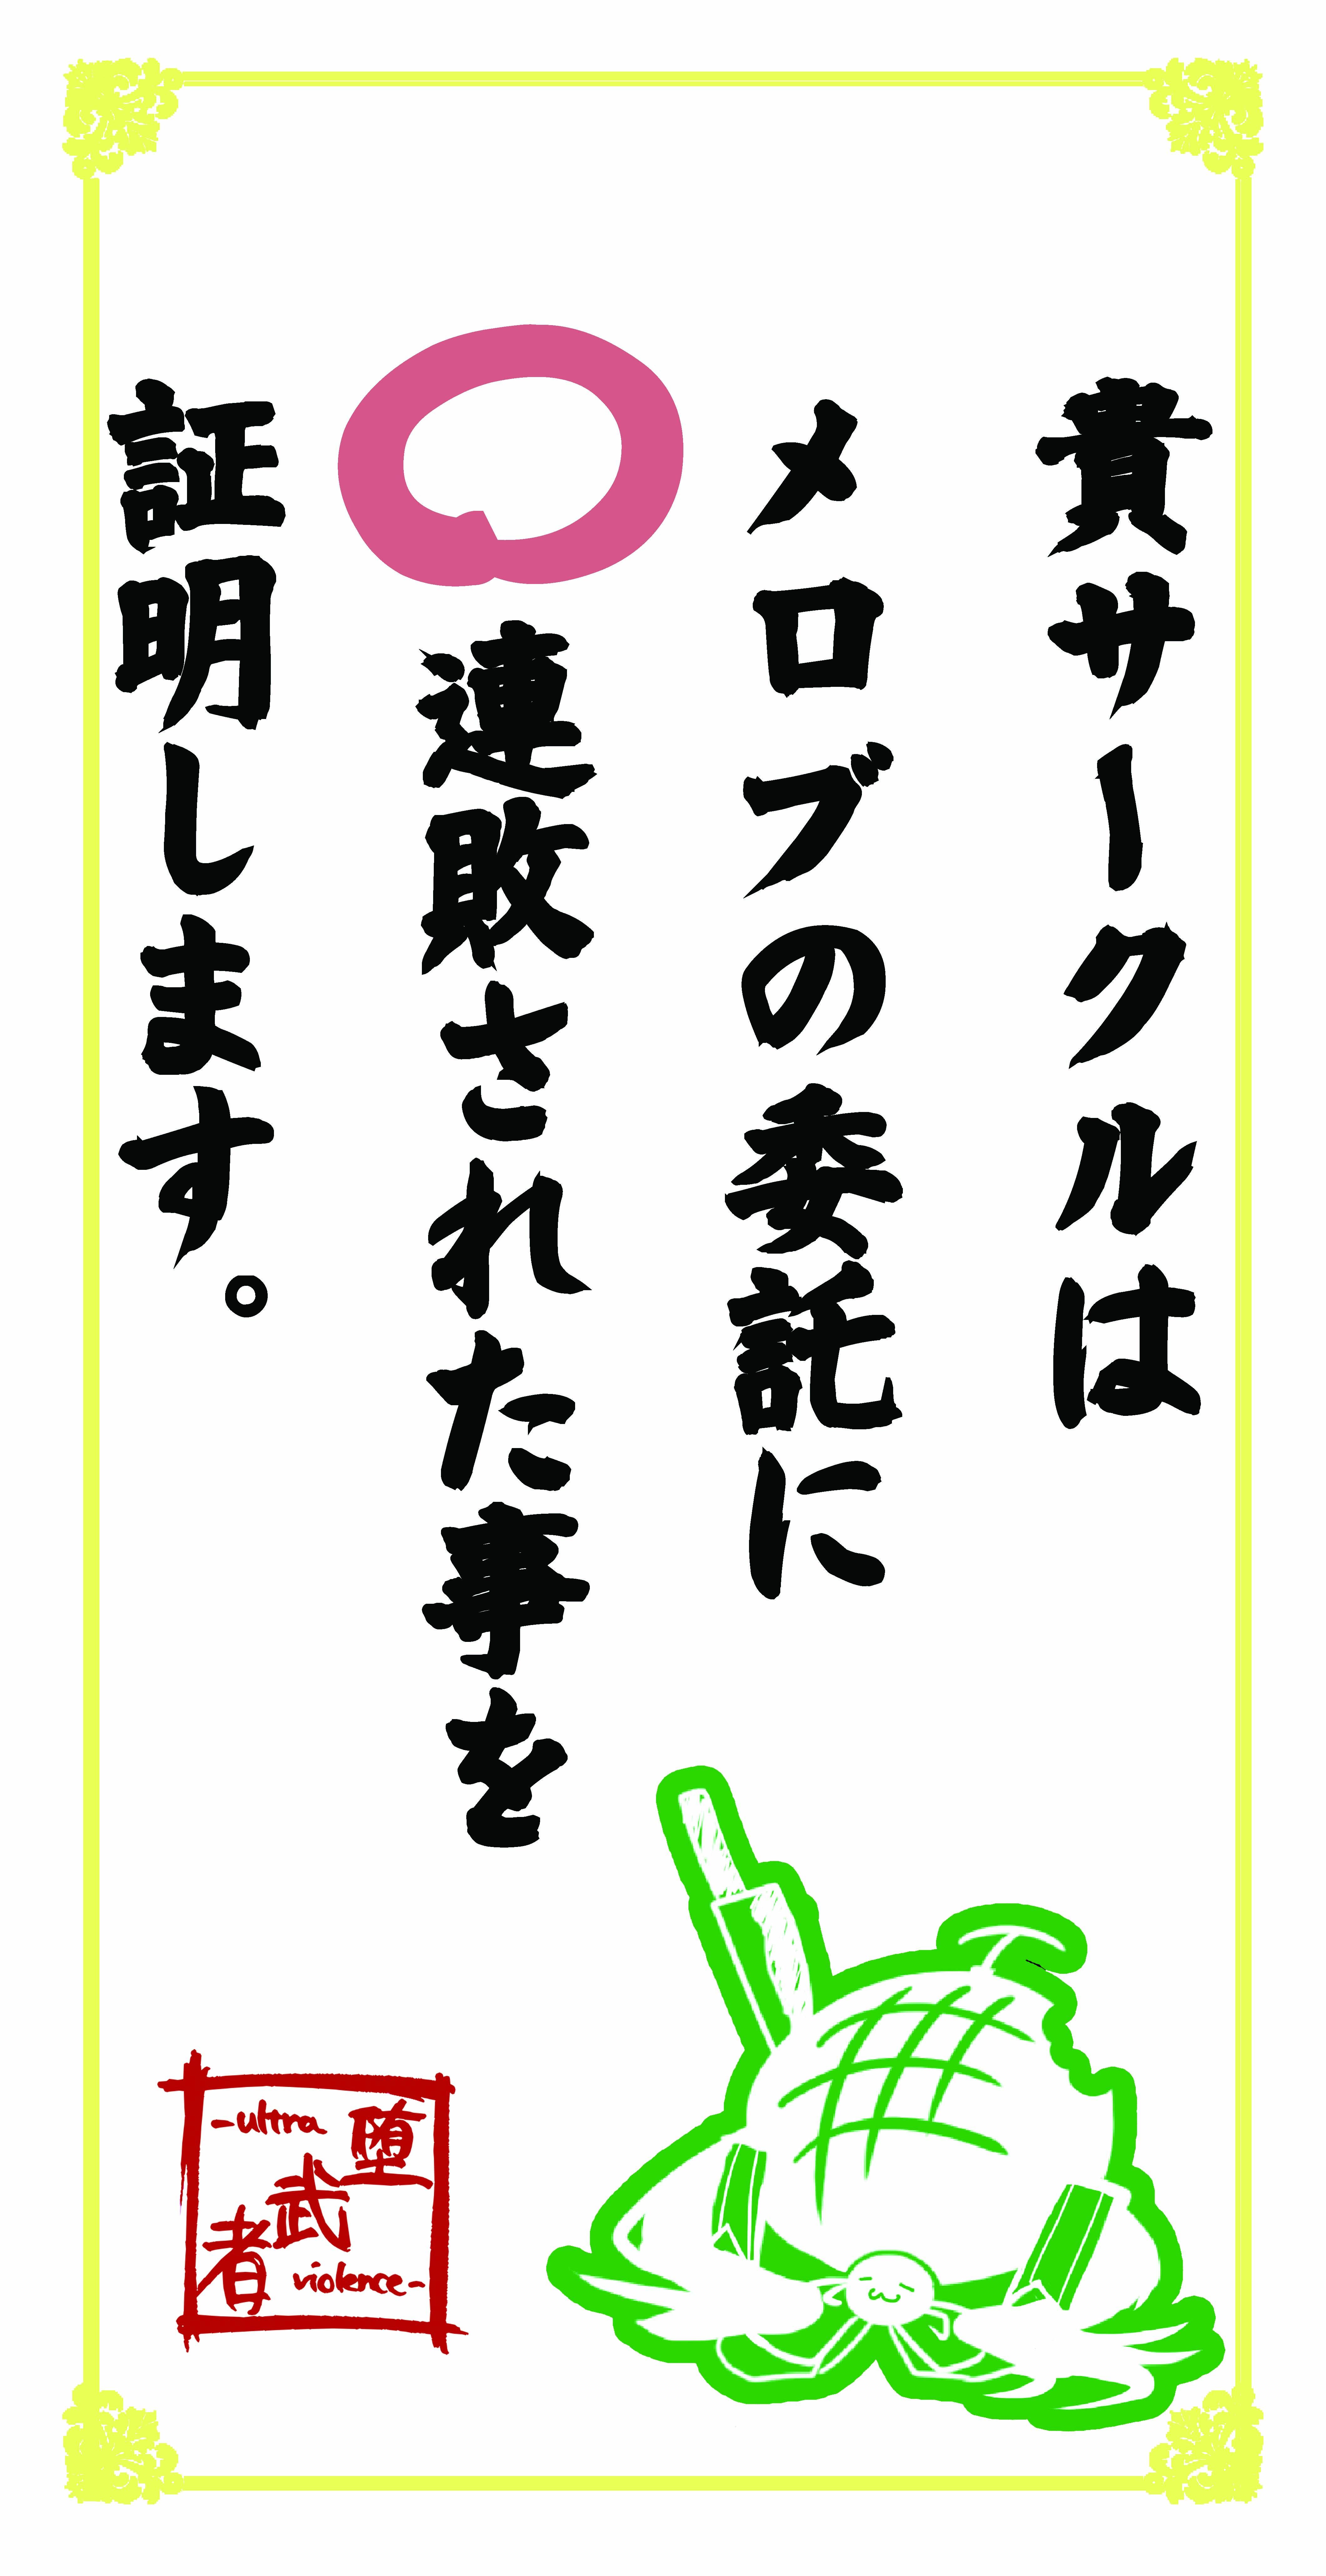 tateのコピー